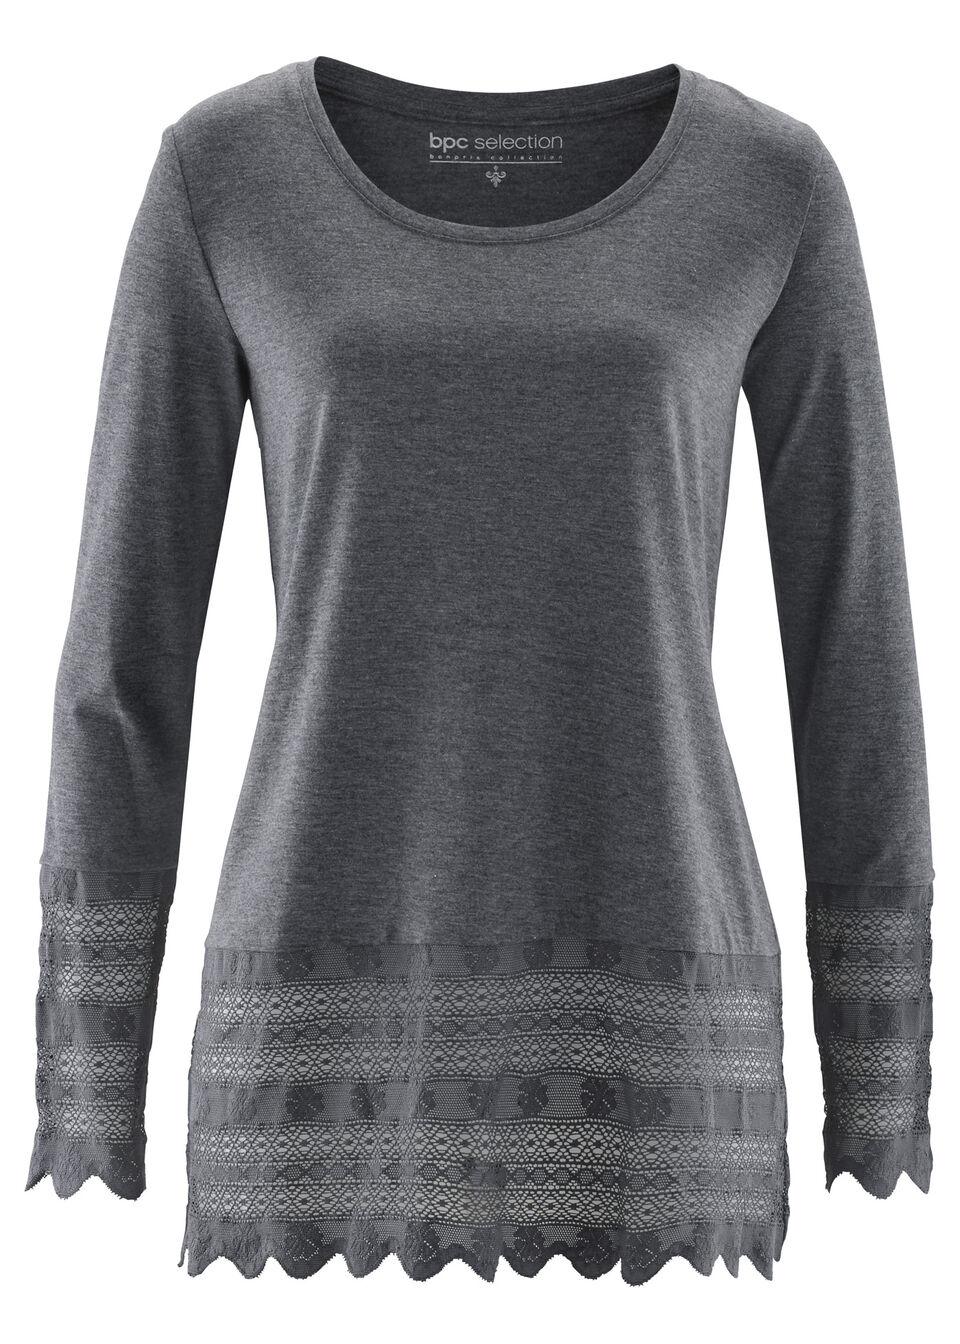 Купить Блузки, Удлиненная футболка с кружевом, bonprix, серый меланж